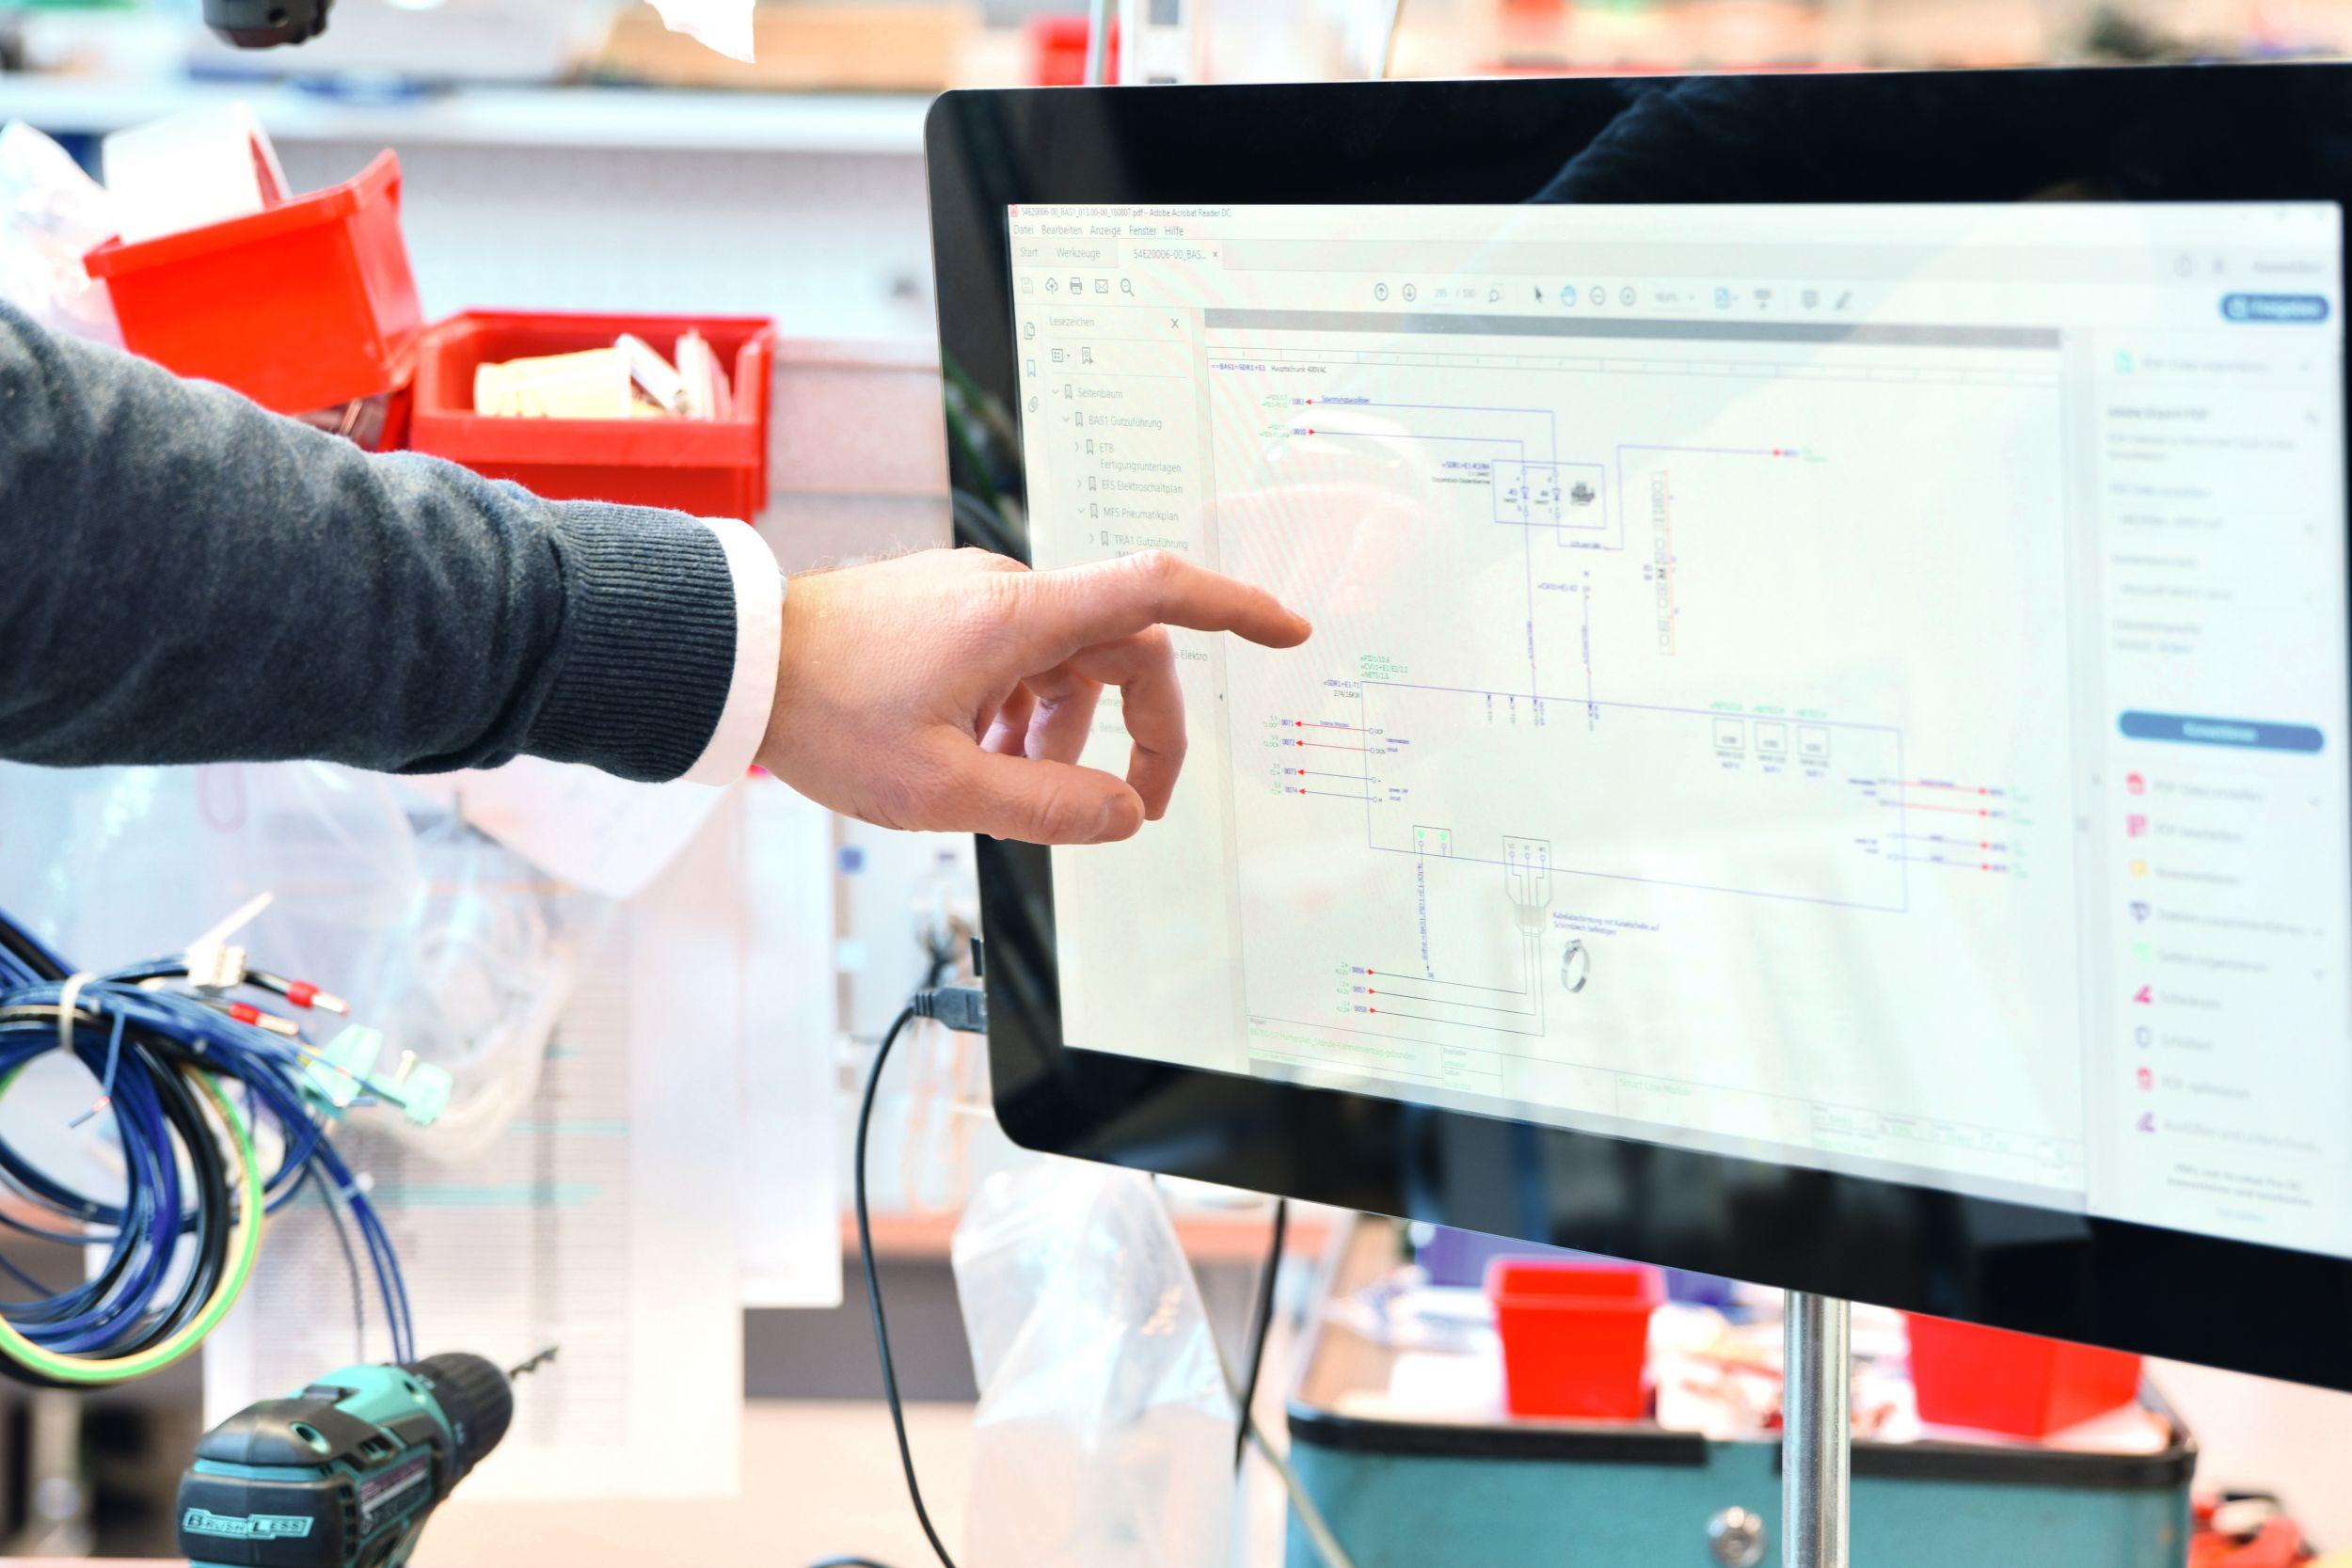 Stück für Stück werden in der Fertigung von Betron digitale Arbeitsplätze eingerichtet. (Bild: Wago Kontakttechnik GmbH & Co. KG)